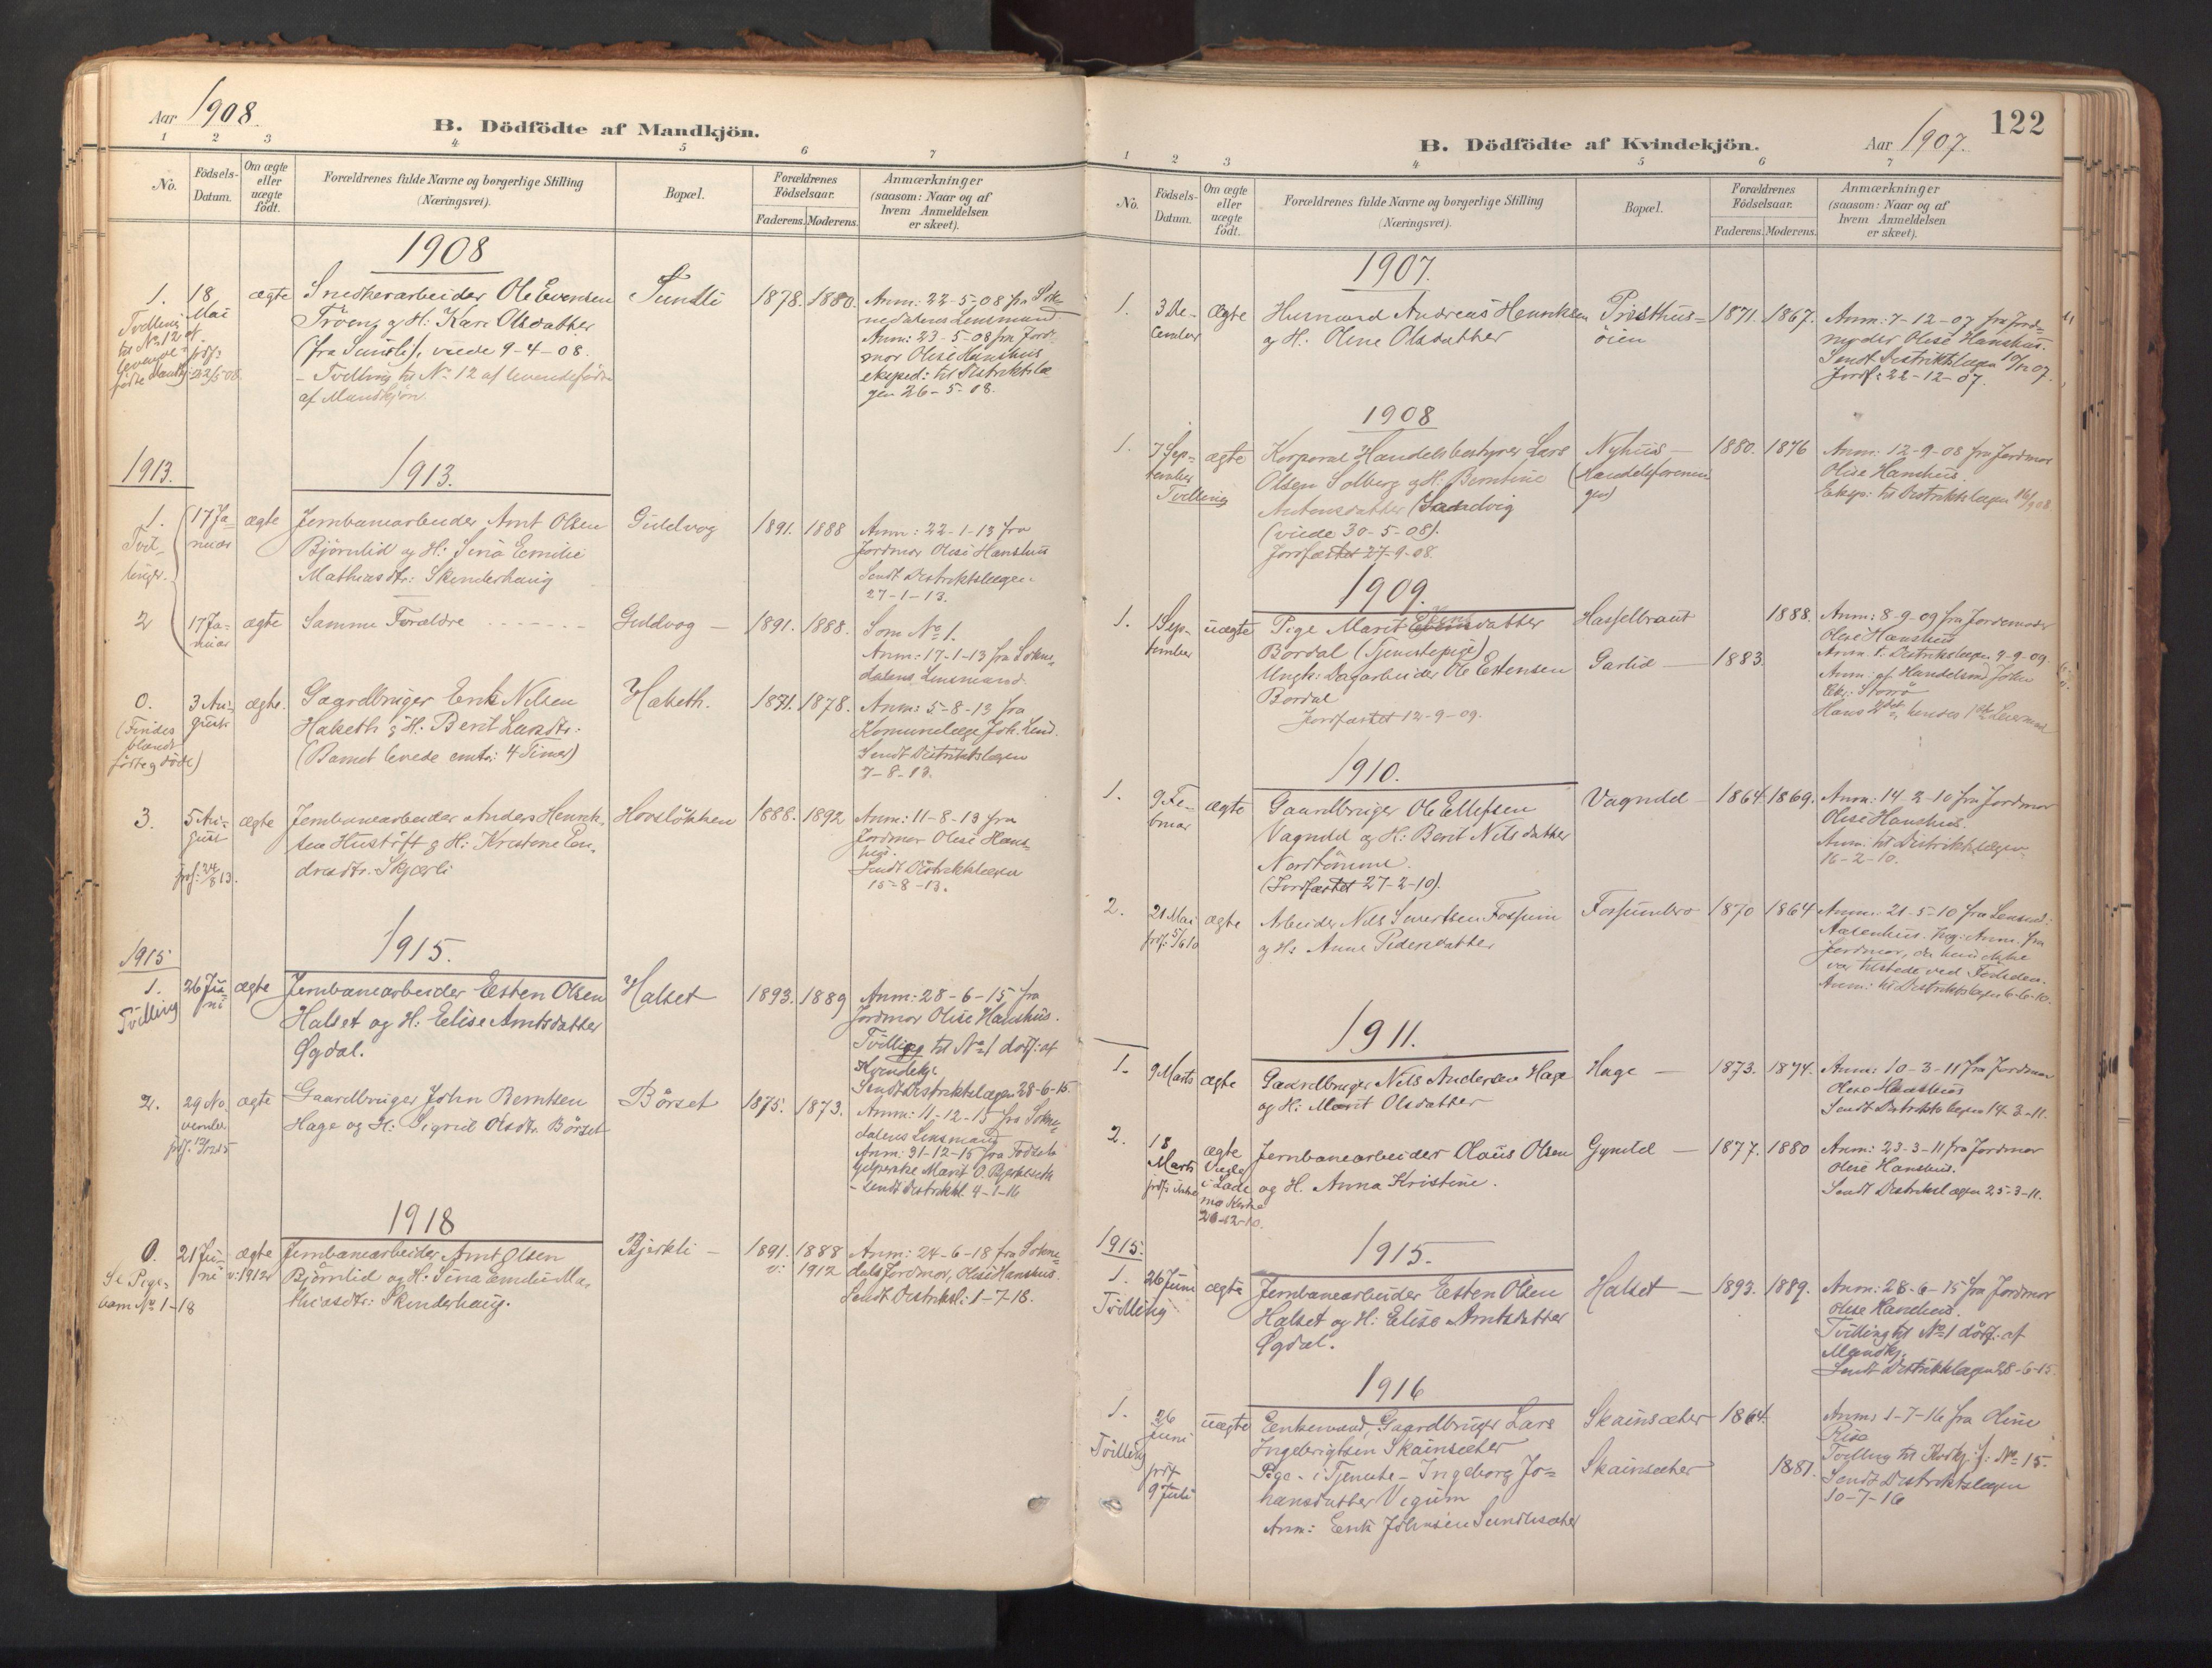 SAT, Ministerialprotokoller, klokkerbøker og fødselsregistre - Sør-Trøndelag, 689/L1041: Ministerialbok nr. 689A06, 1891-1923, s. 122